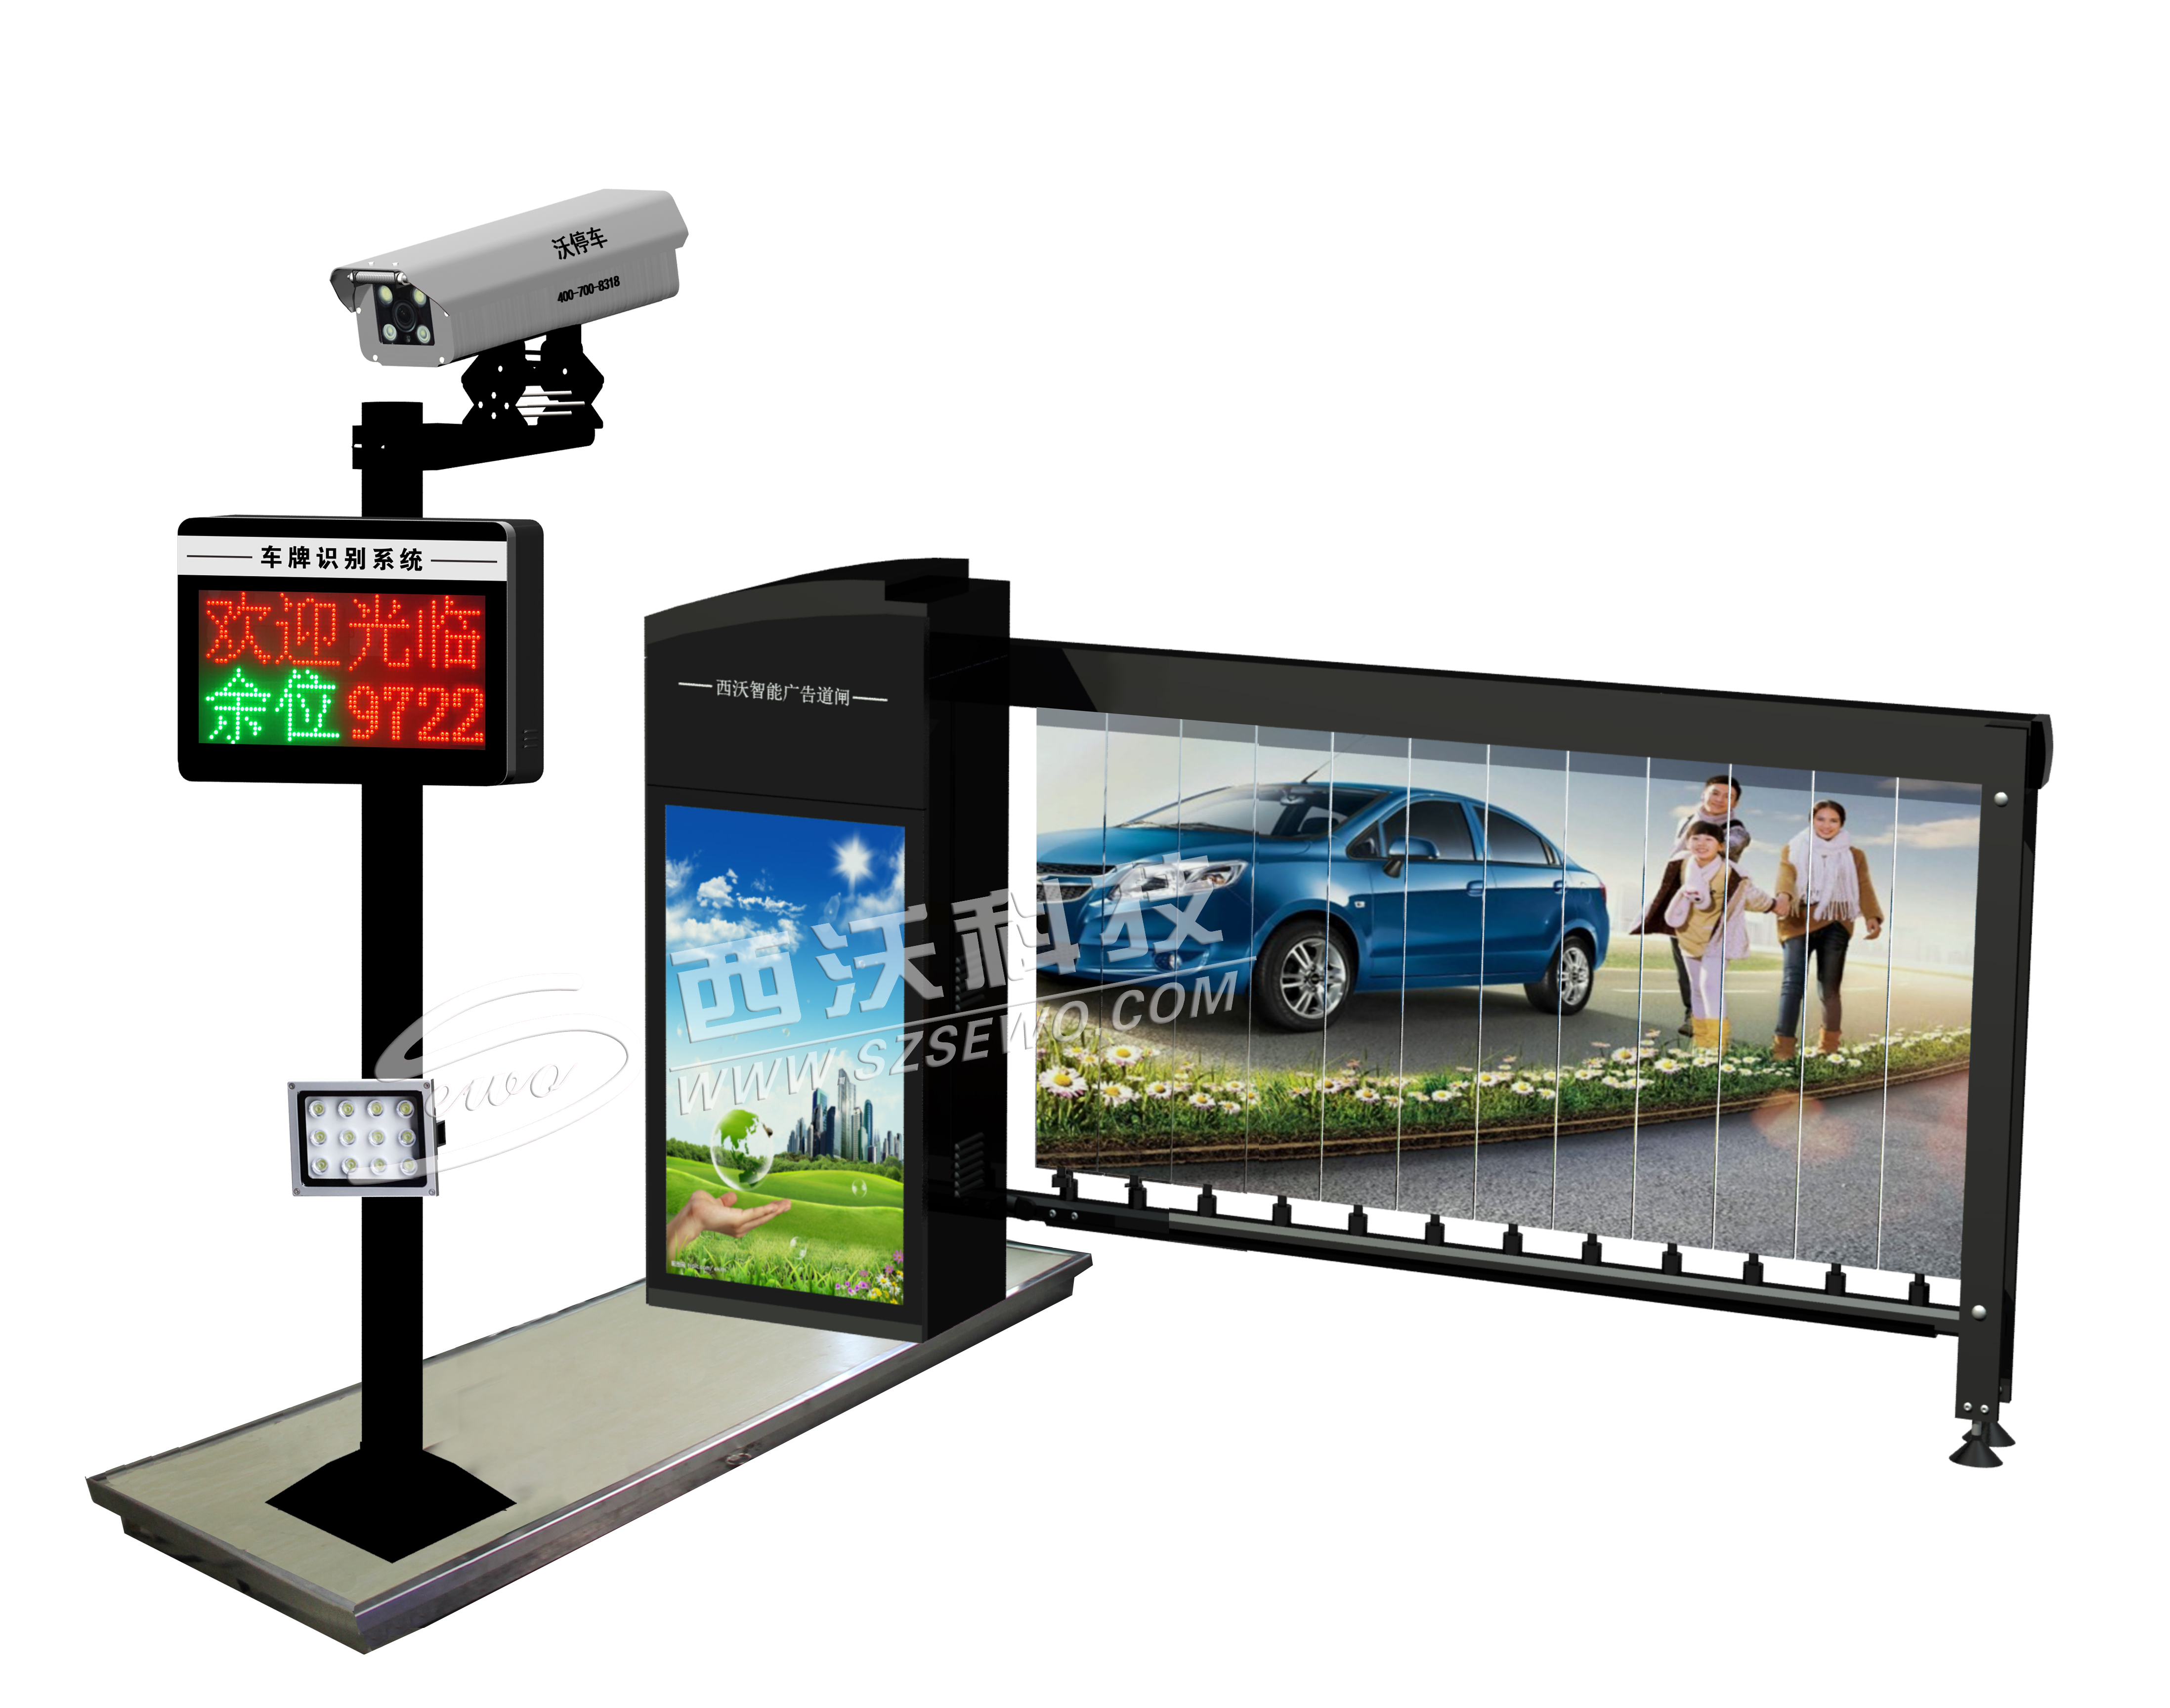 視頻檢測路側智慧泊車系統